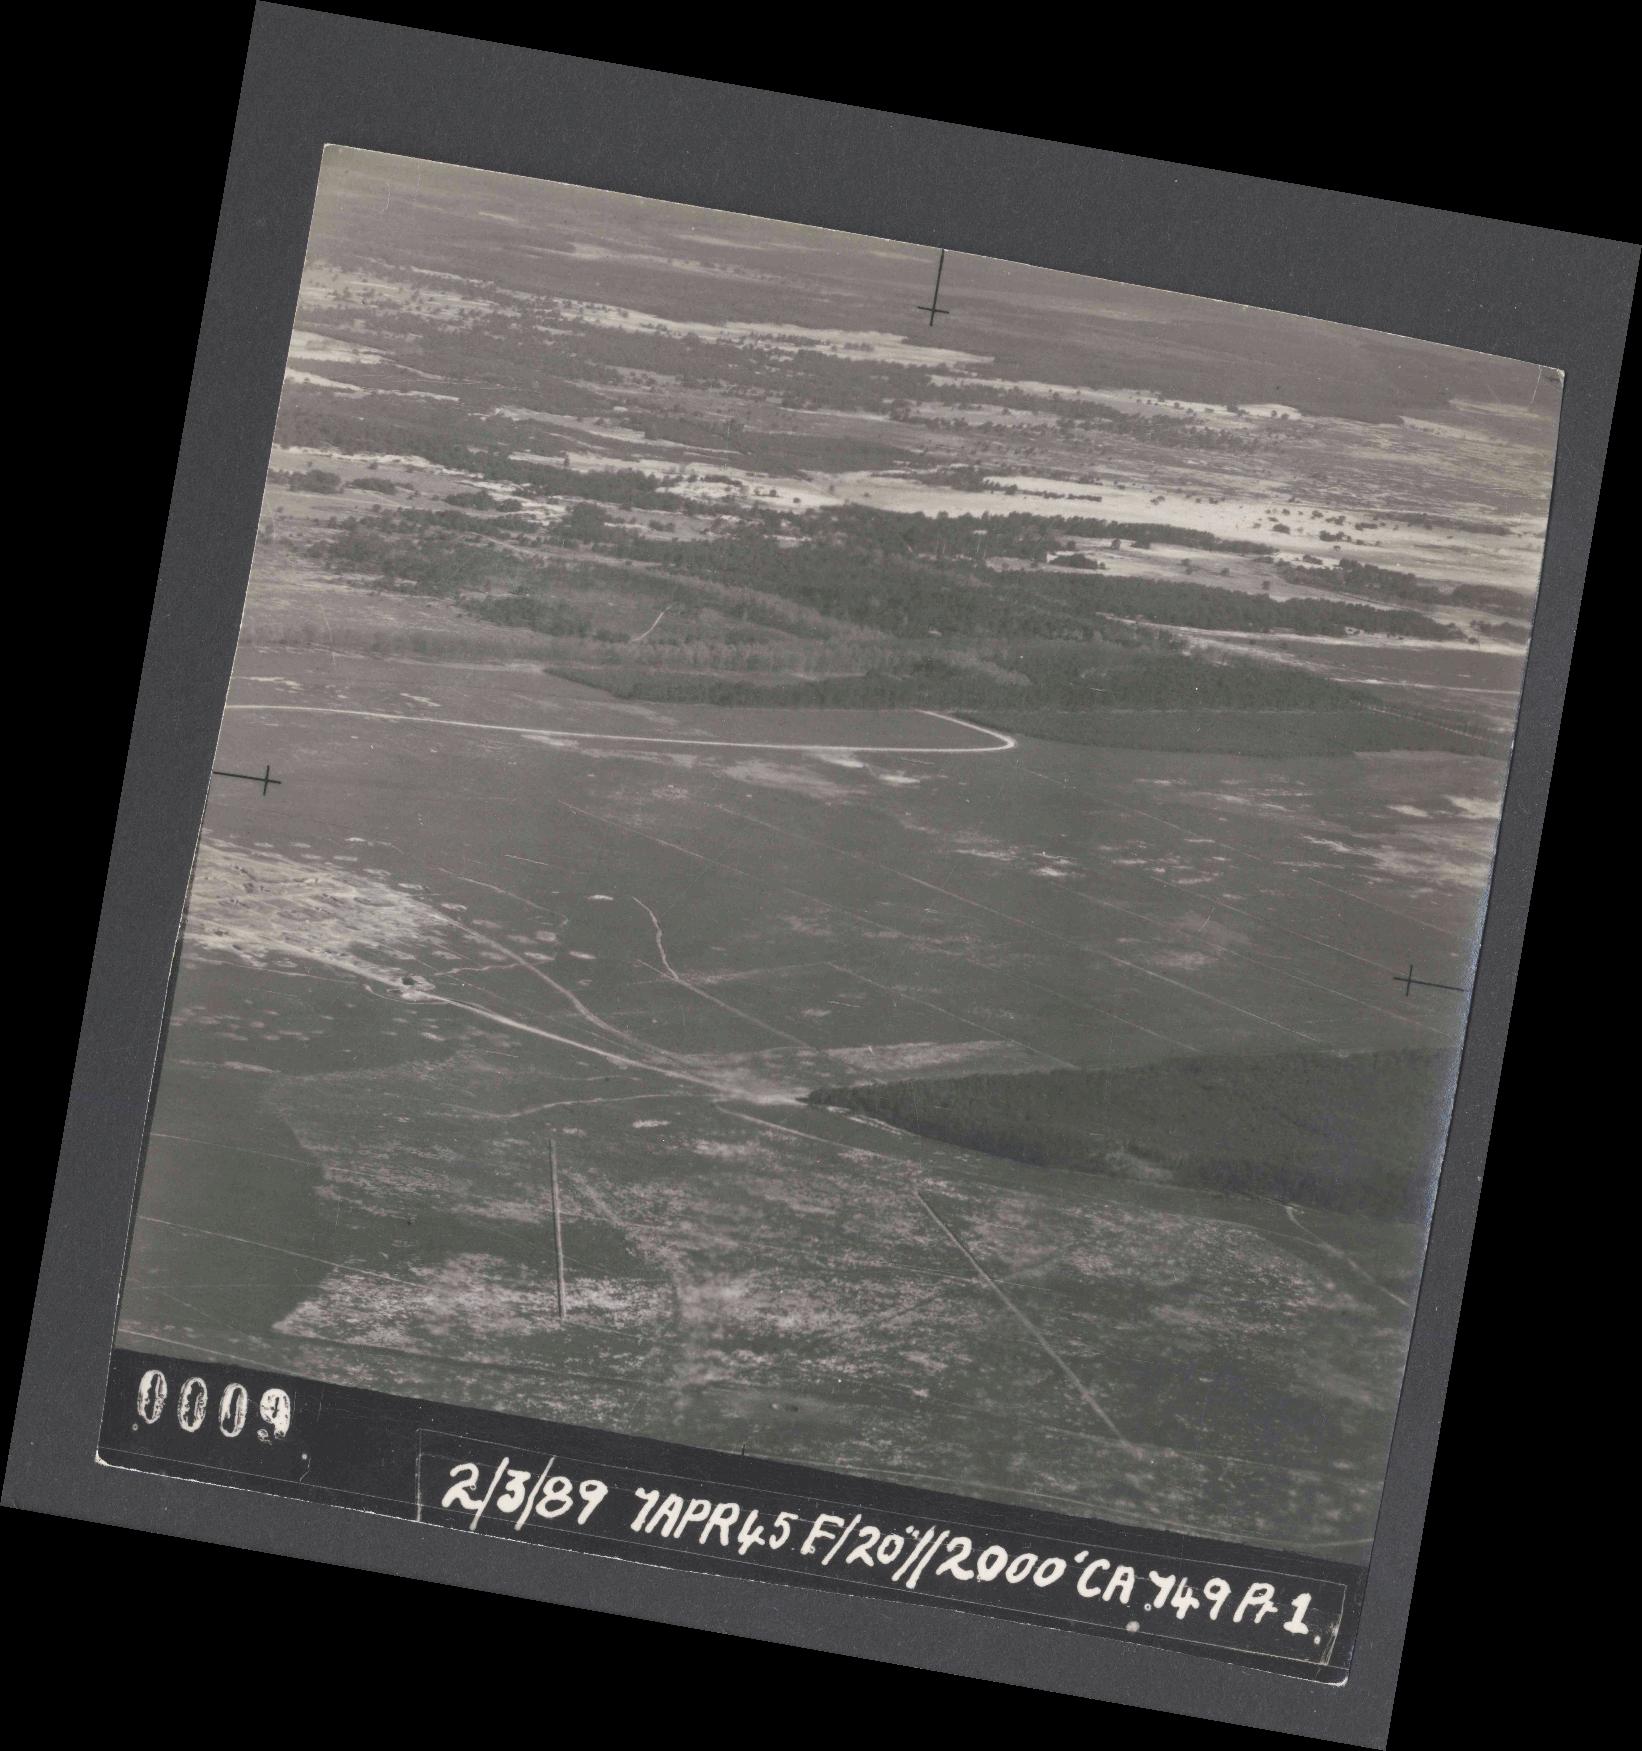 Collection RAF aerial photos 1940-1945 - flight 530, run 01, photo 0009